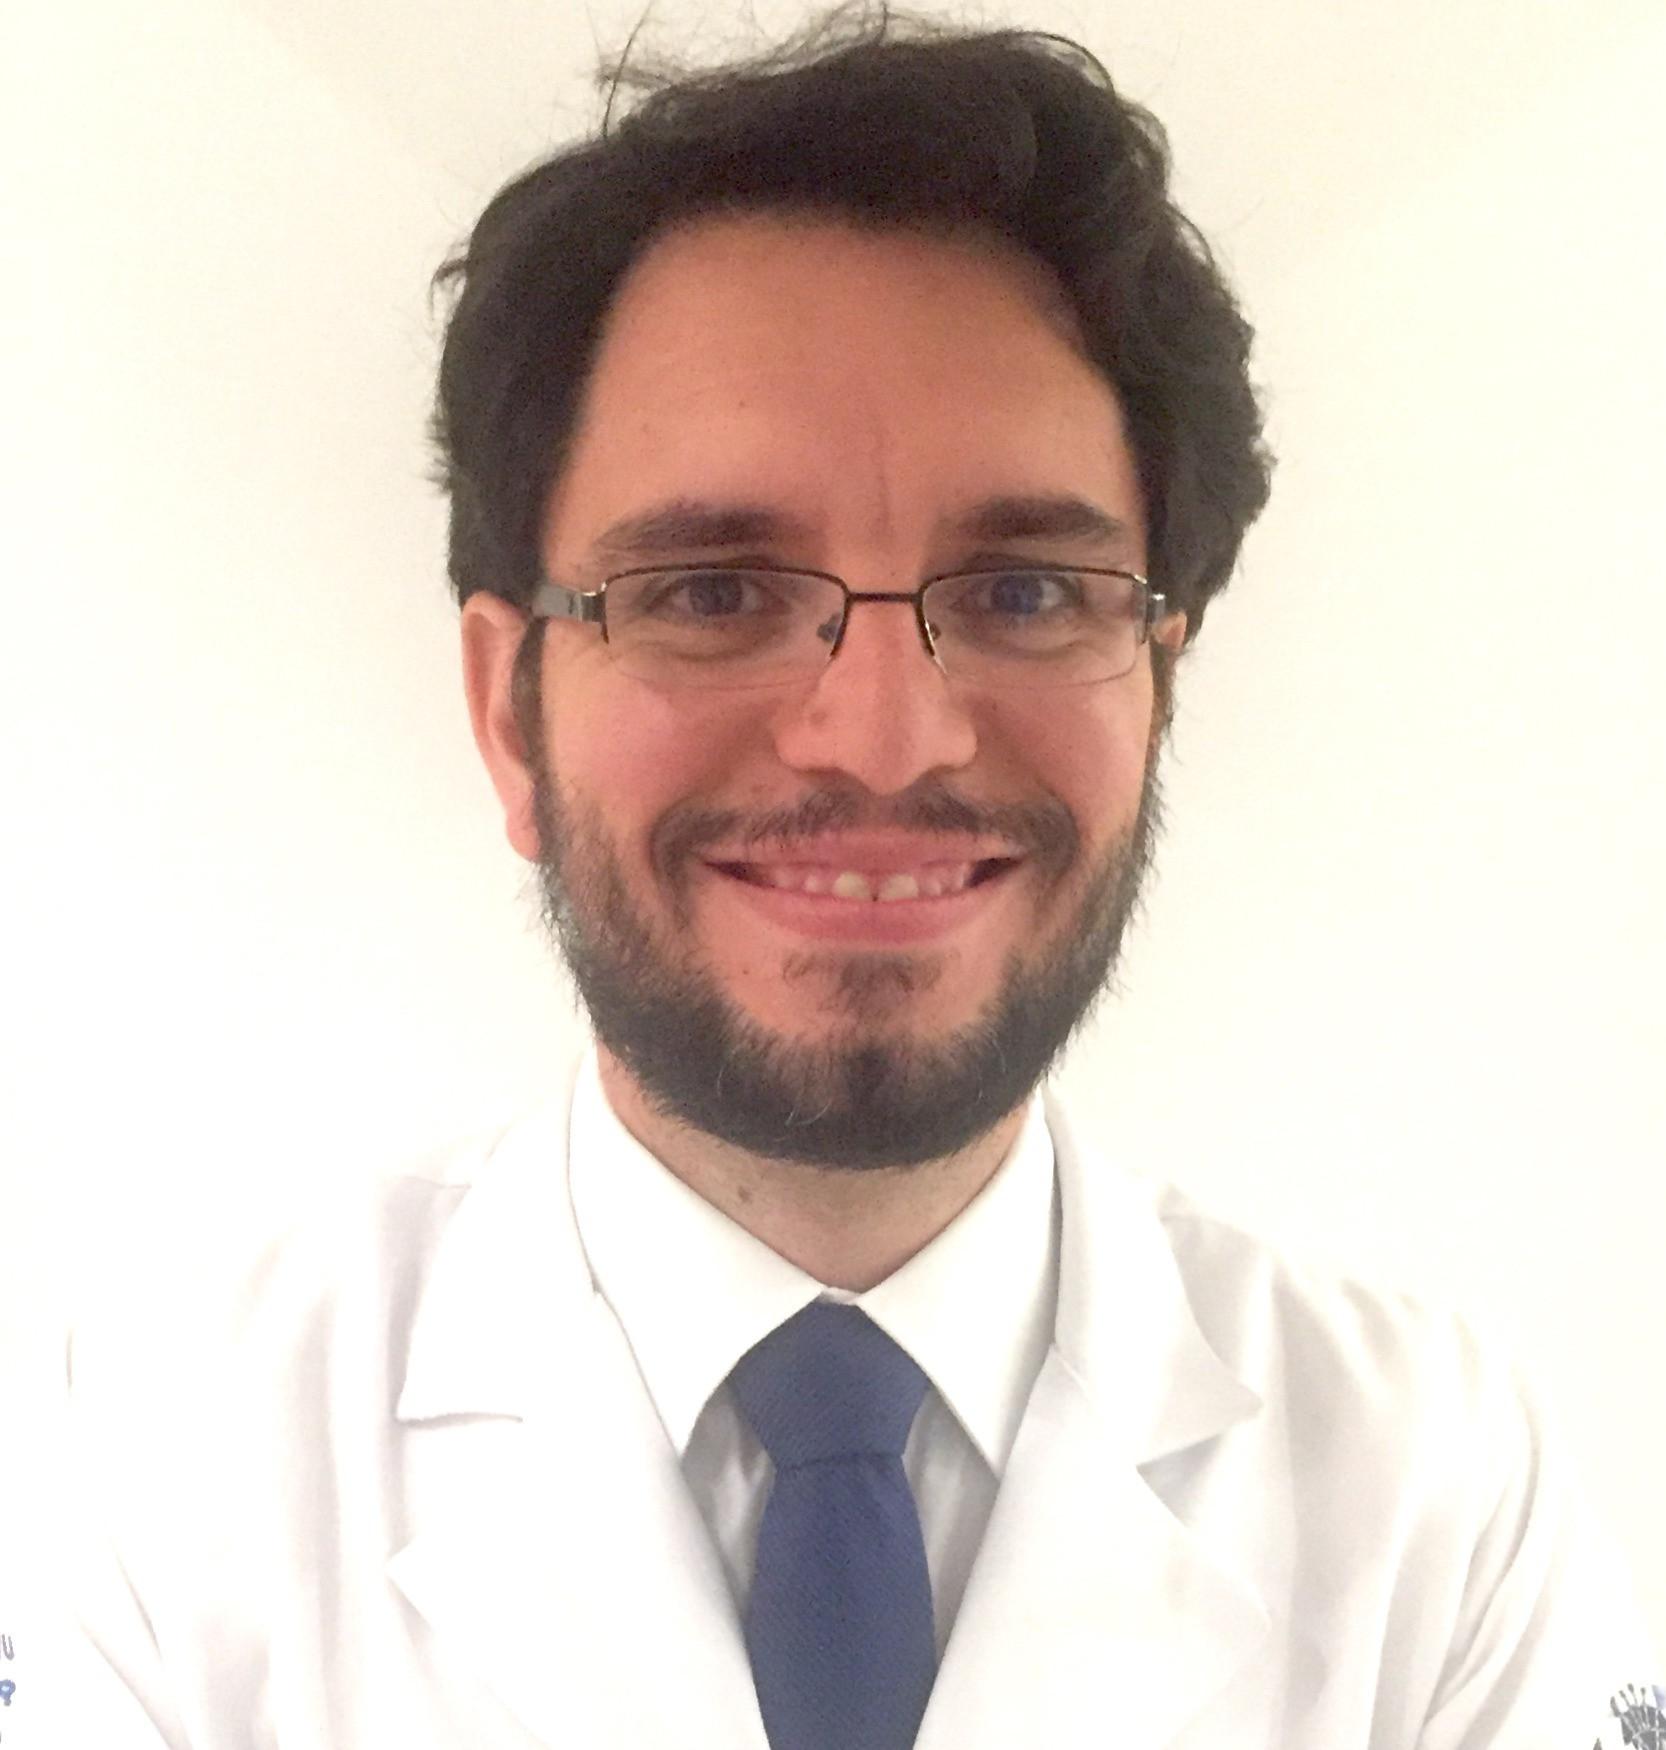 Consulta Particular - São Bernardo